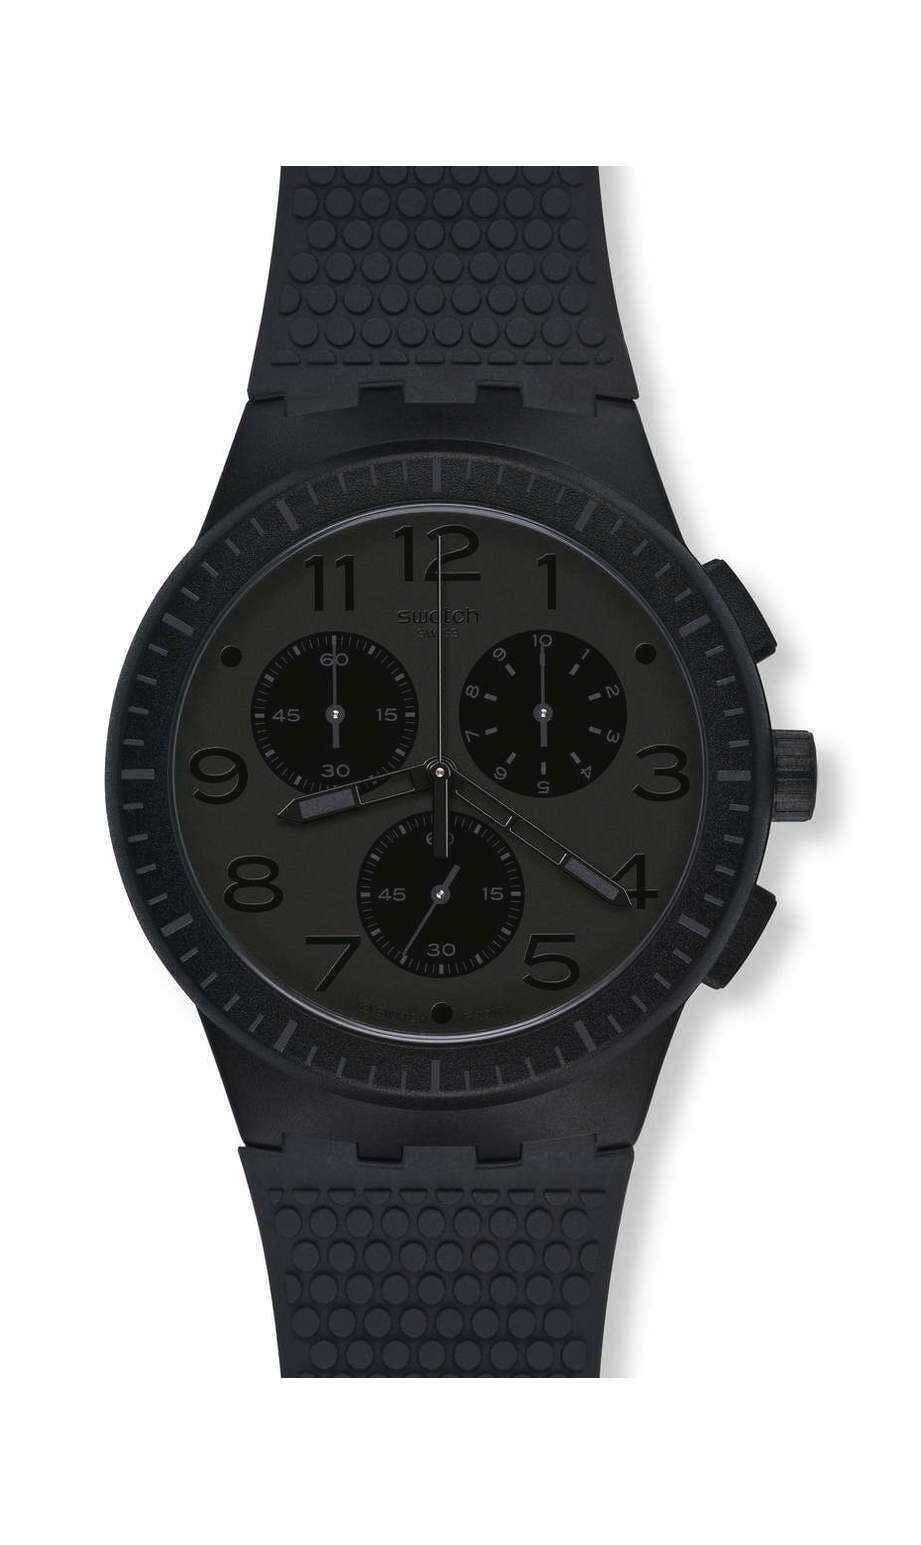 Swatch - PIEGE - 1